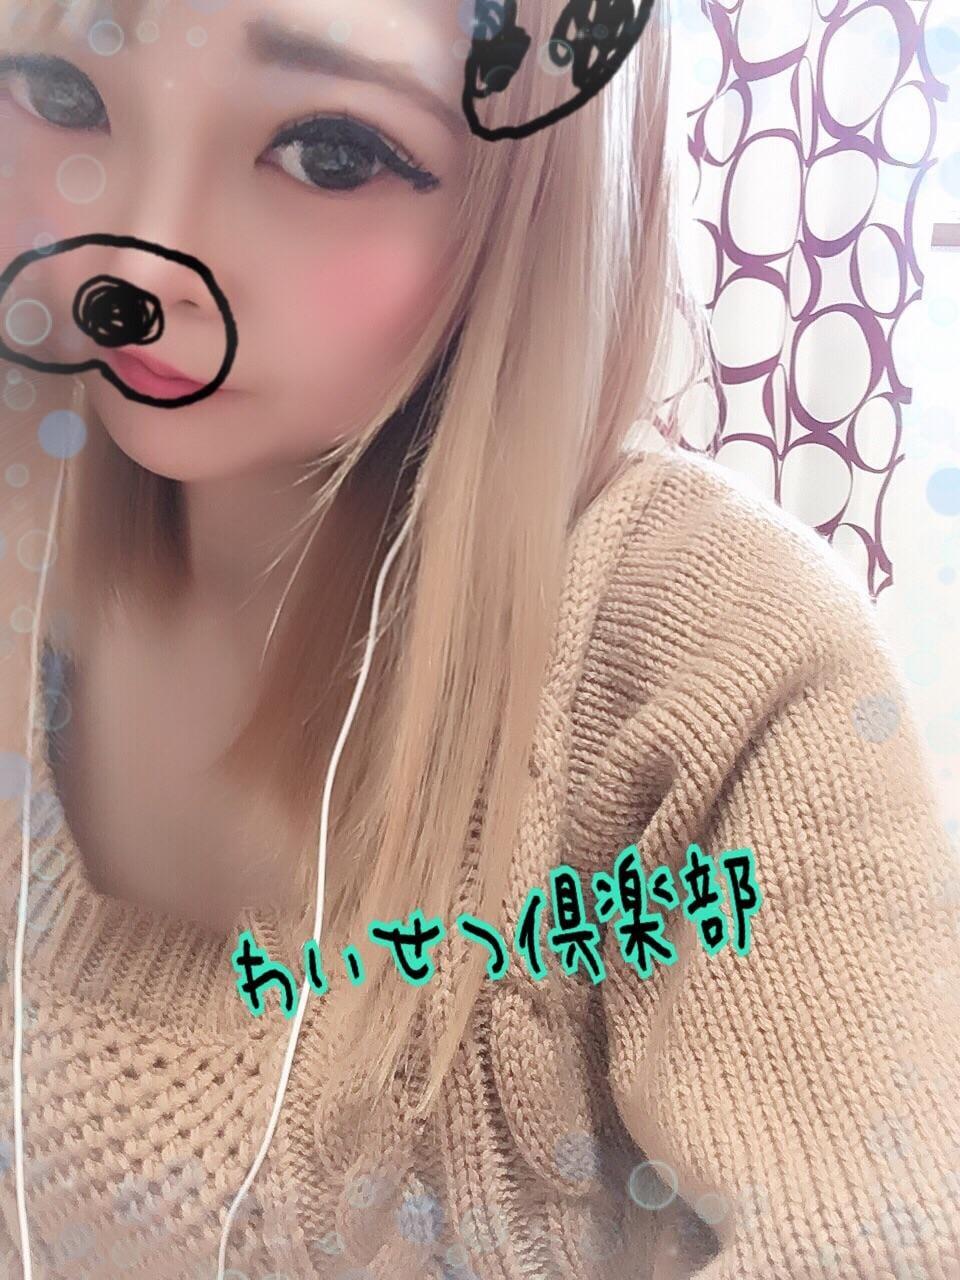 「おはよーさん☆」12/12(水) 15:16 | かなえ【イラマレベル★★★】の写メ・風俗動画